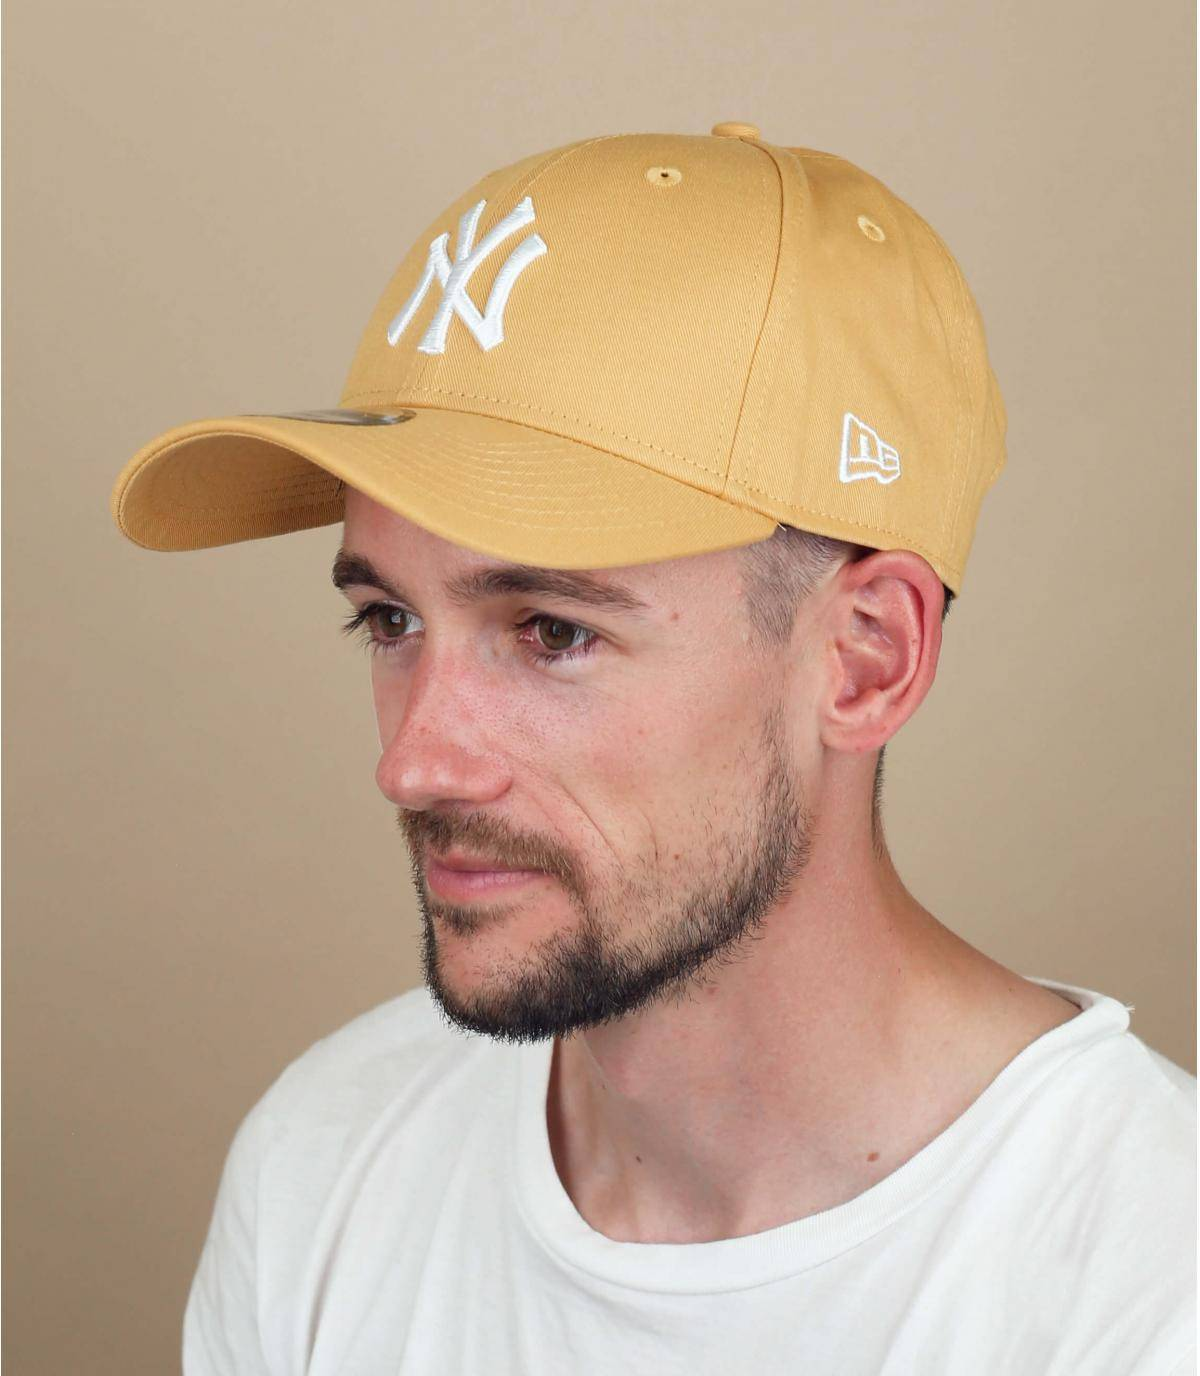 cappellino NY giallo